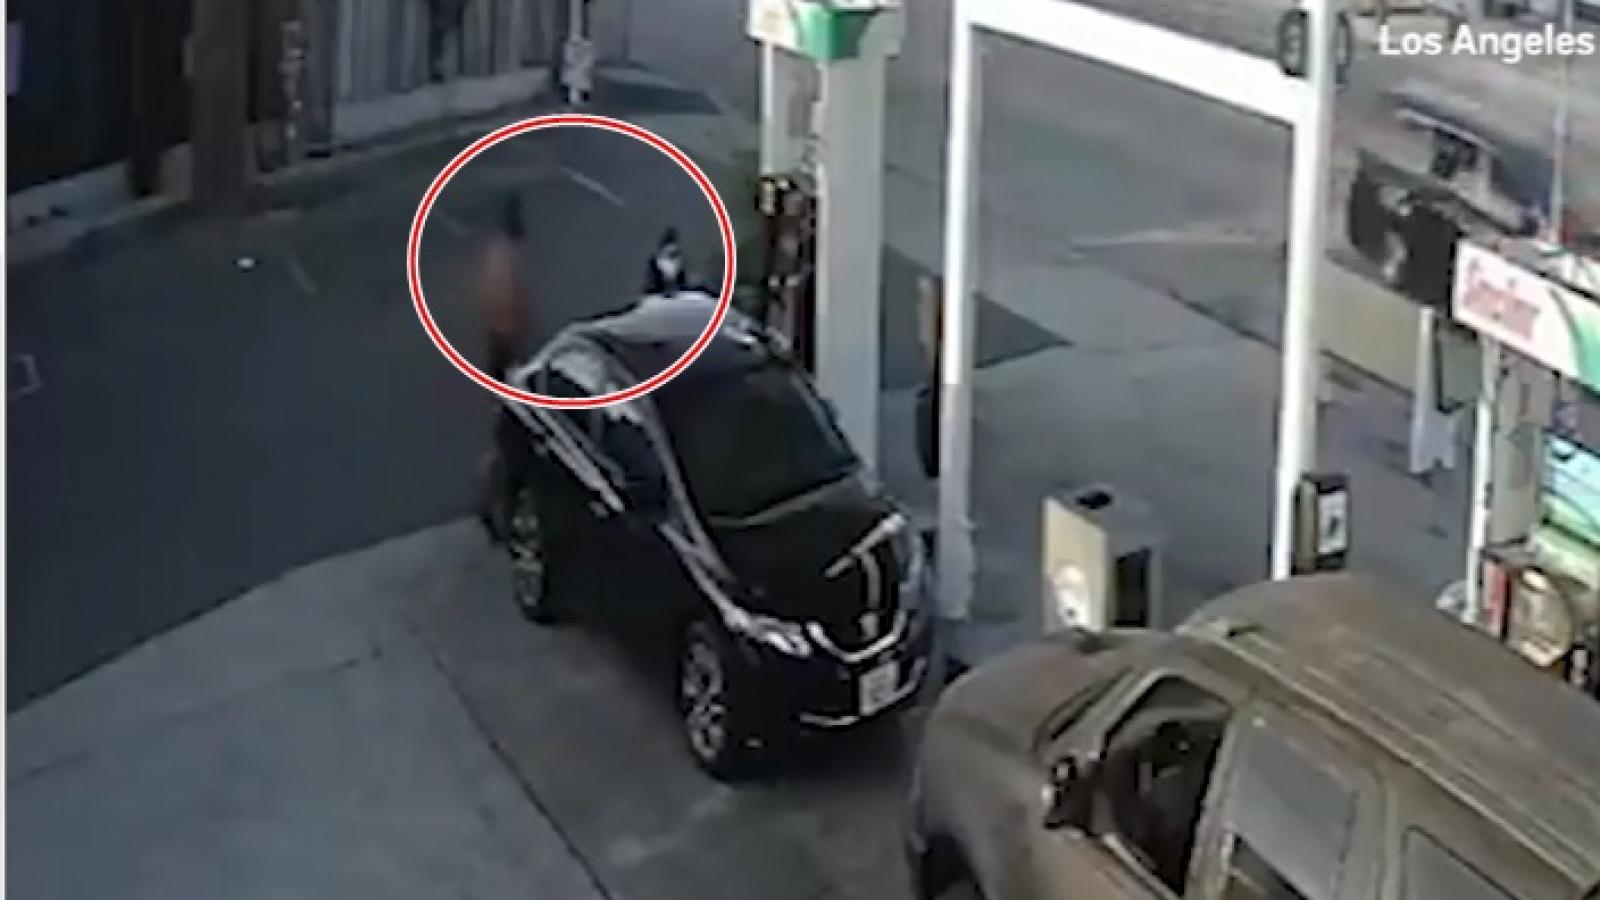 Video: Gã tài xế hành hung tàn bạo một phụ nữ tại trạm xăng ở Mỹ